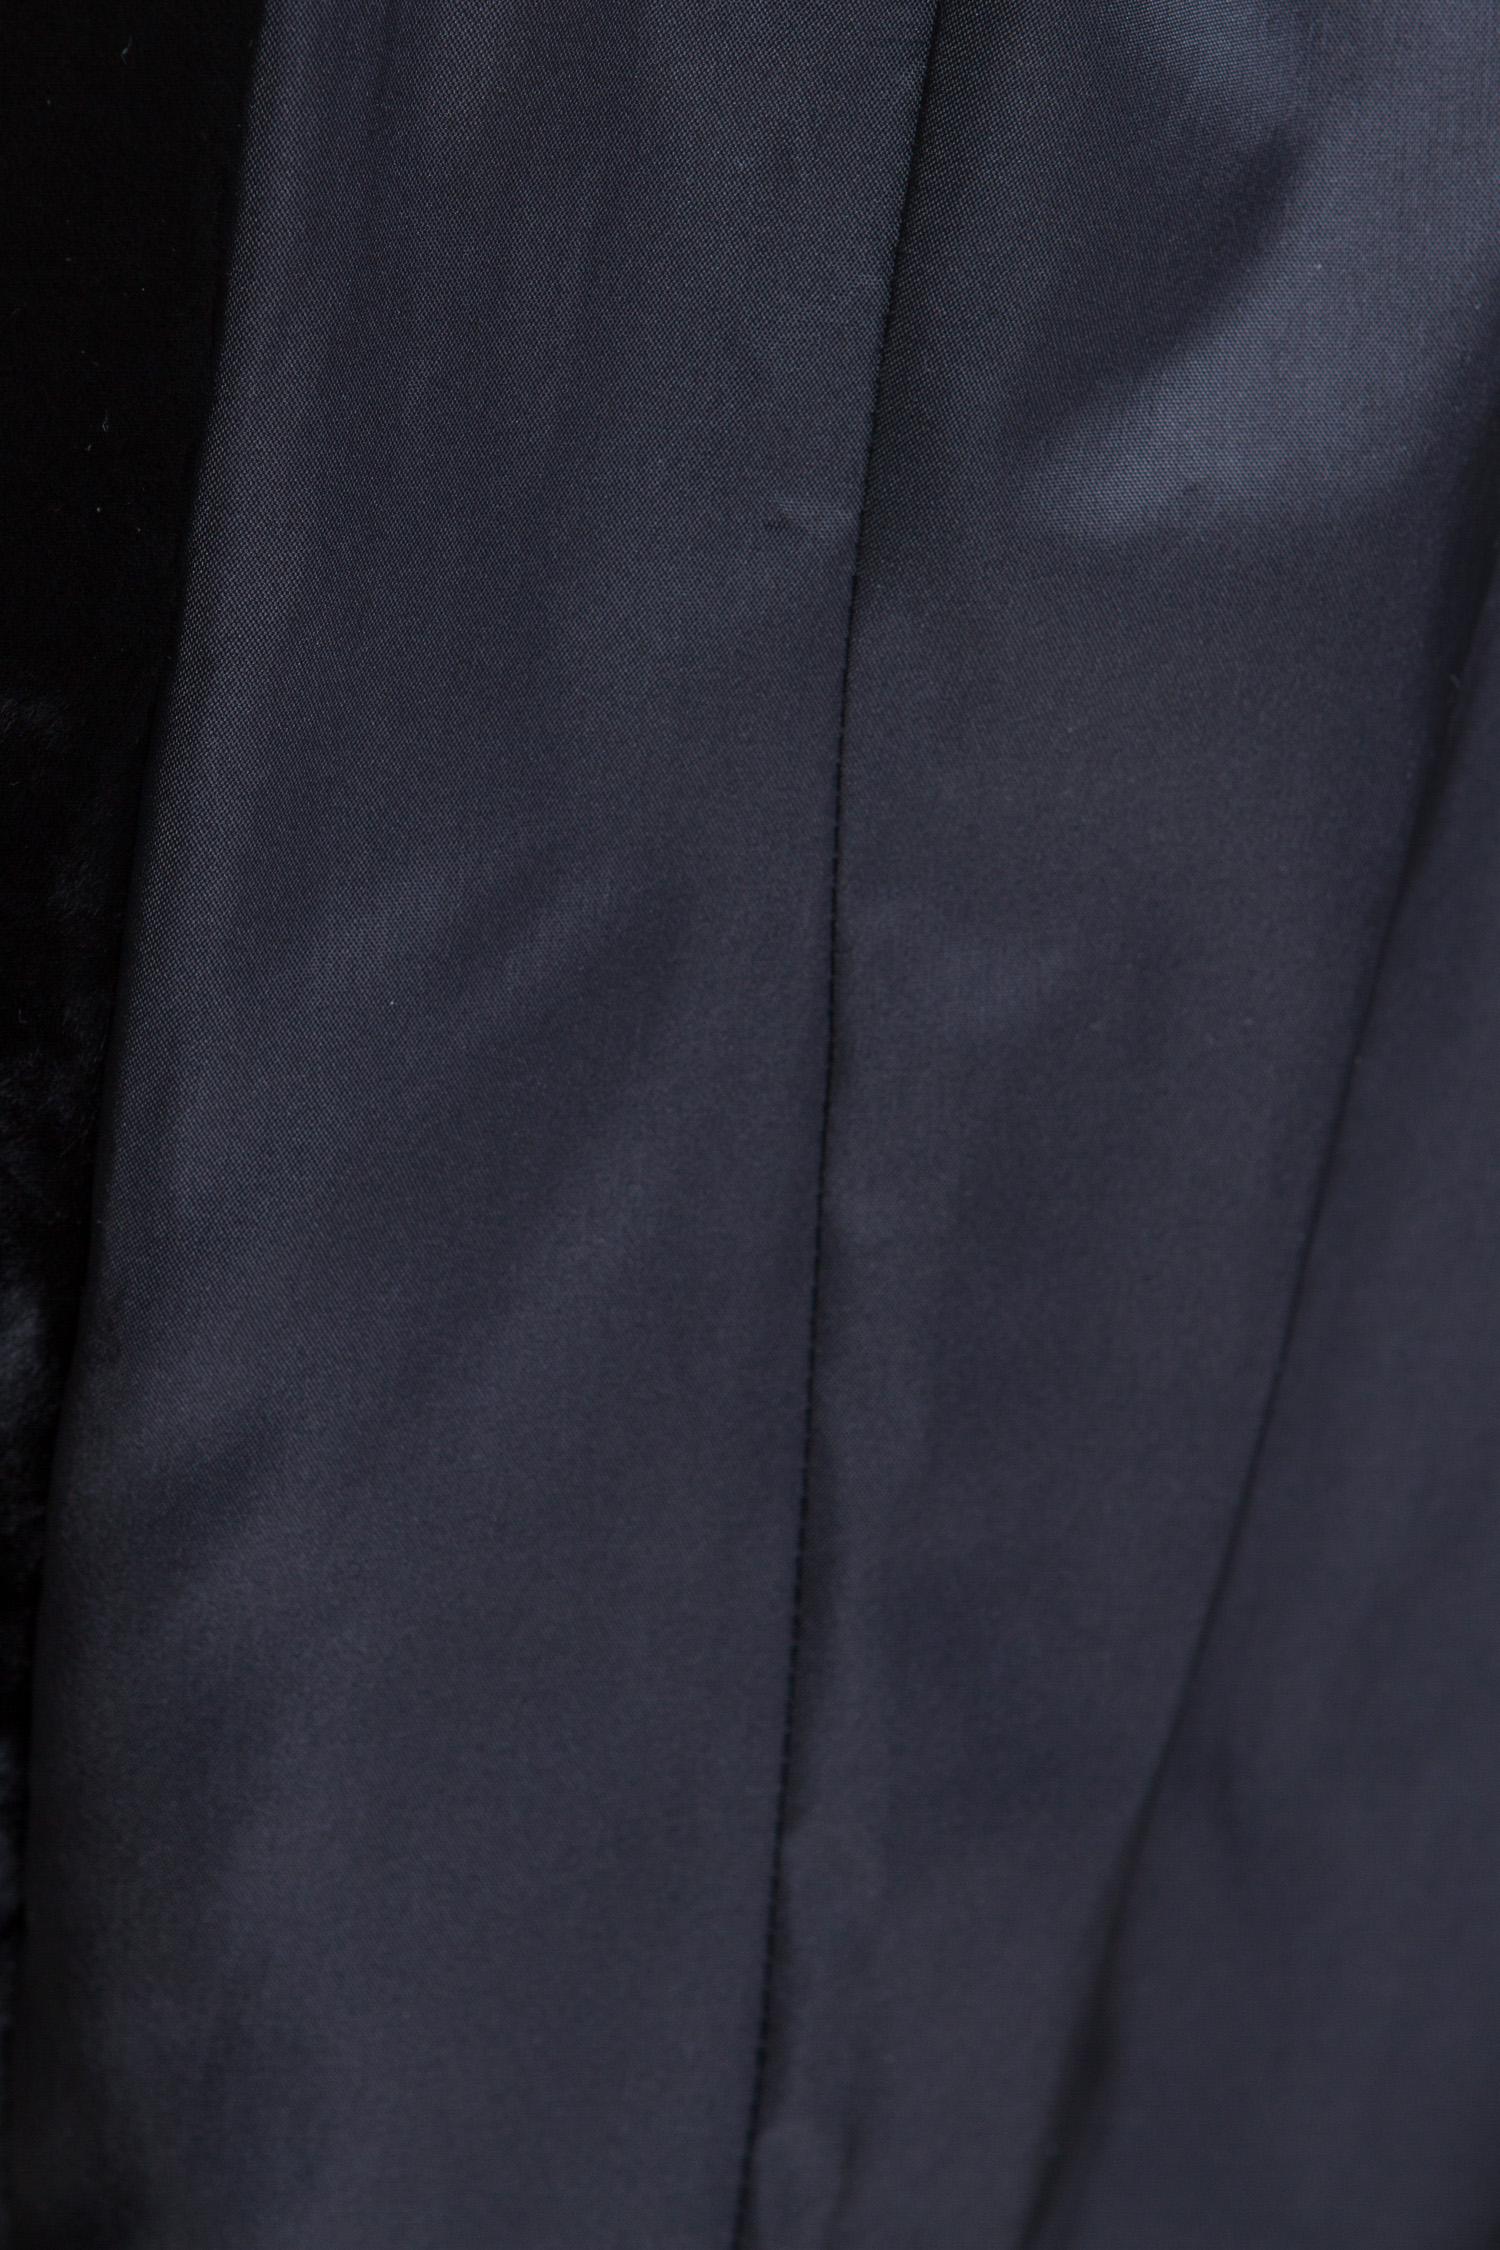 Шуба из астрагана с капюшоном, без отделки от Московская Меховая Компания